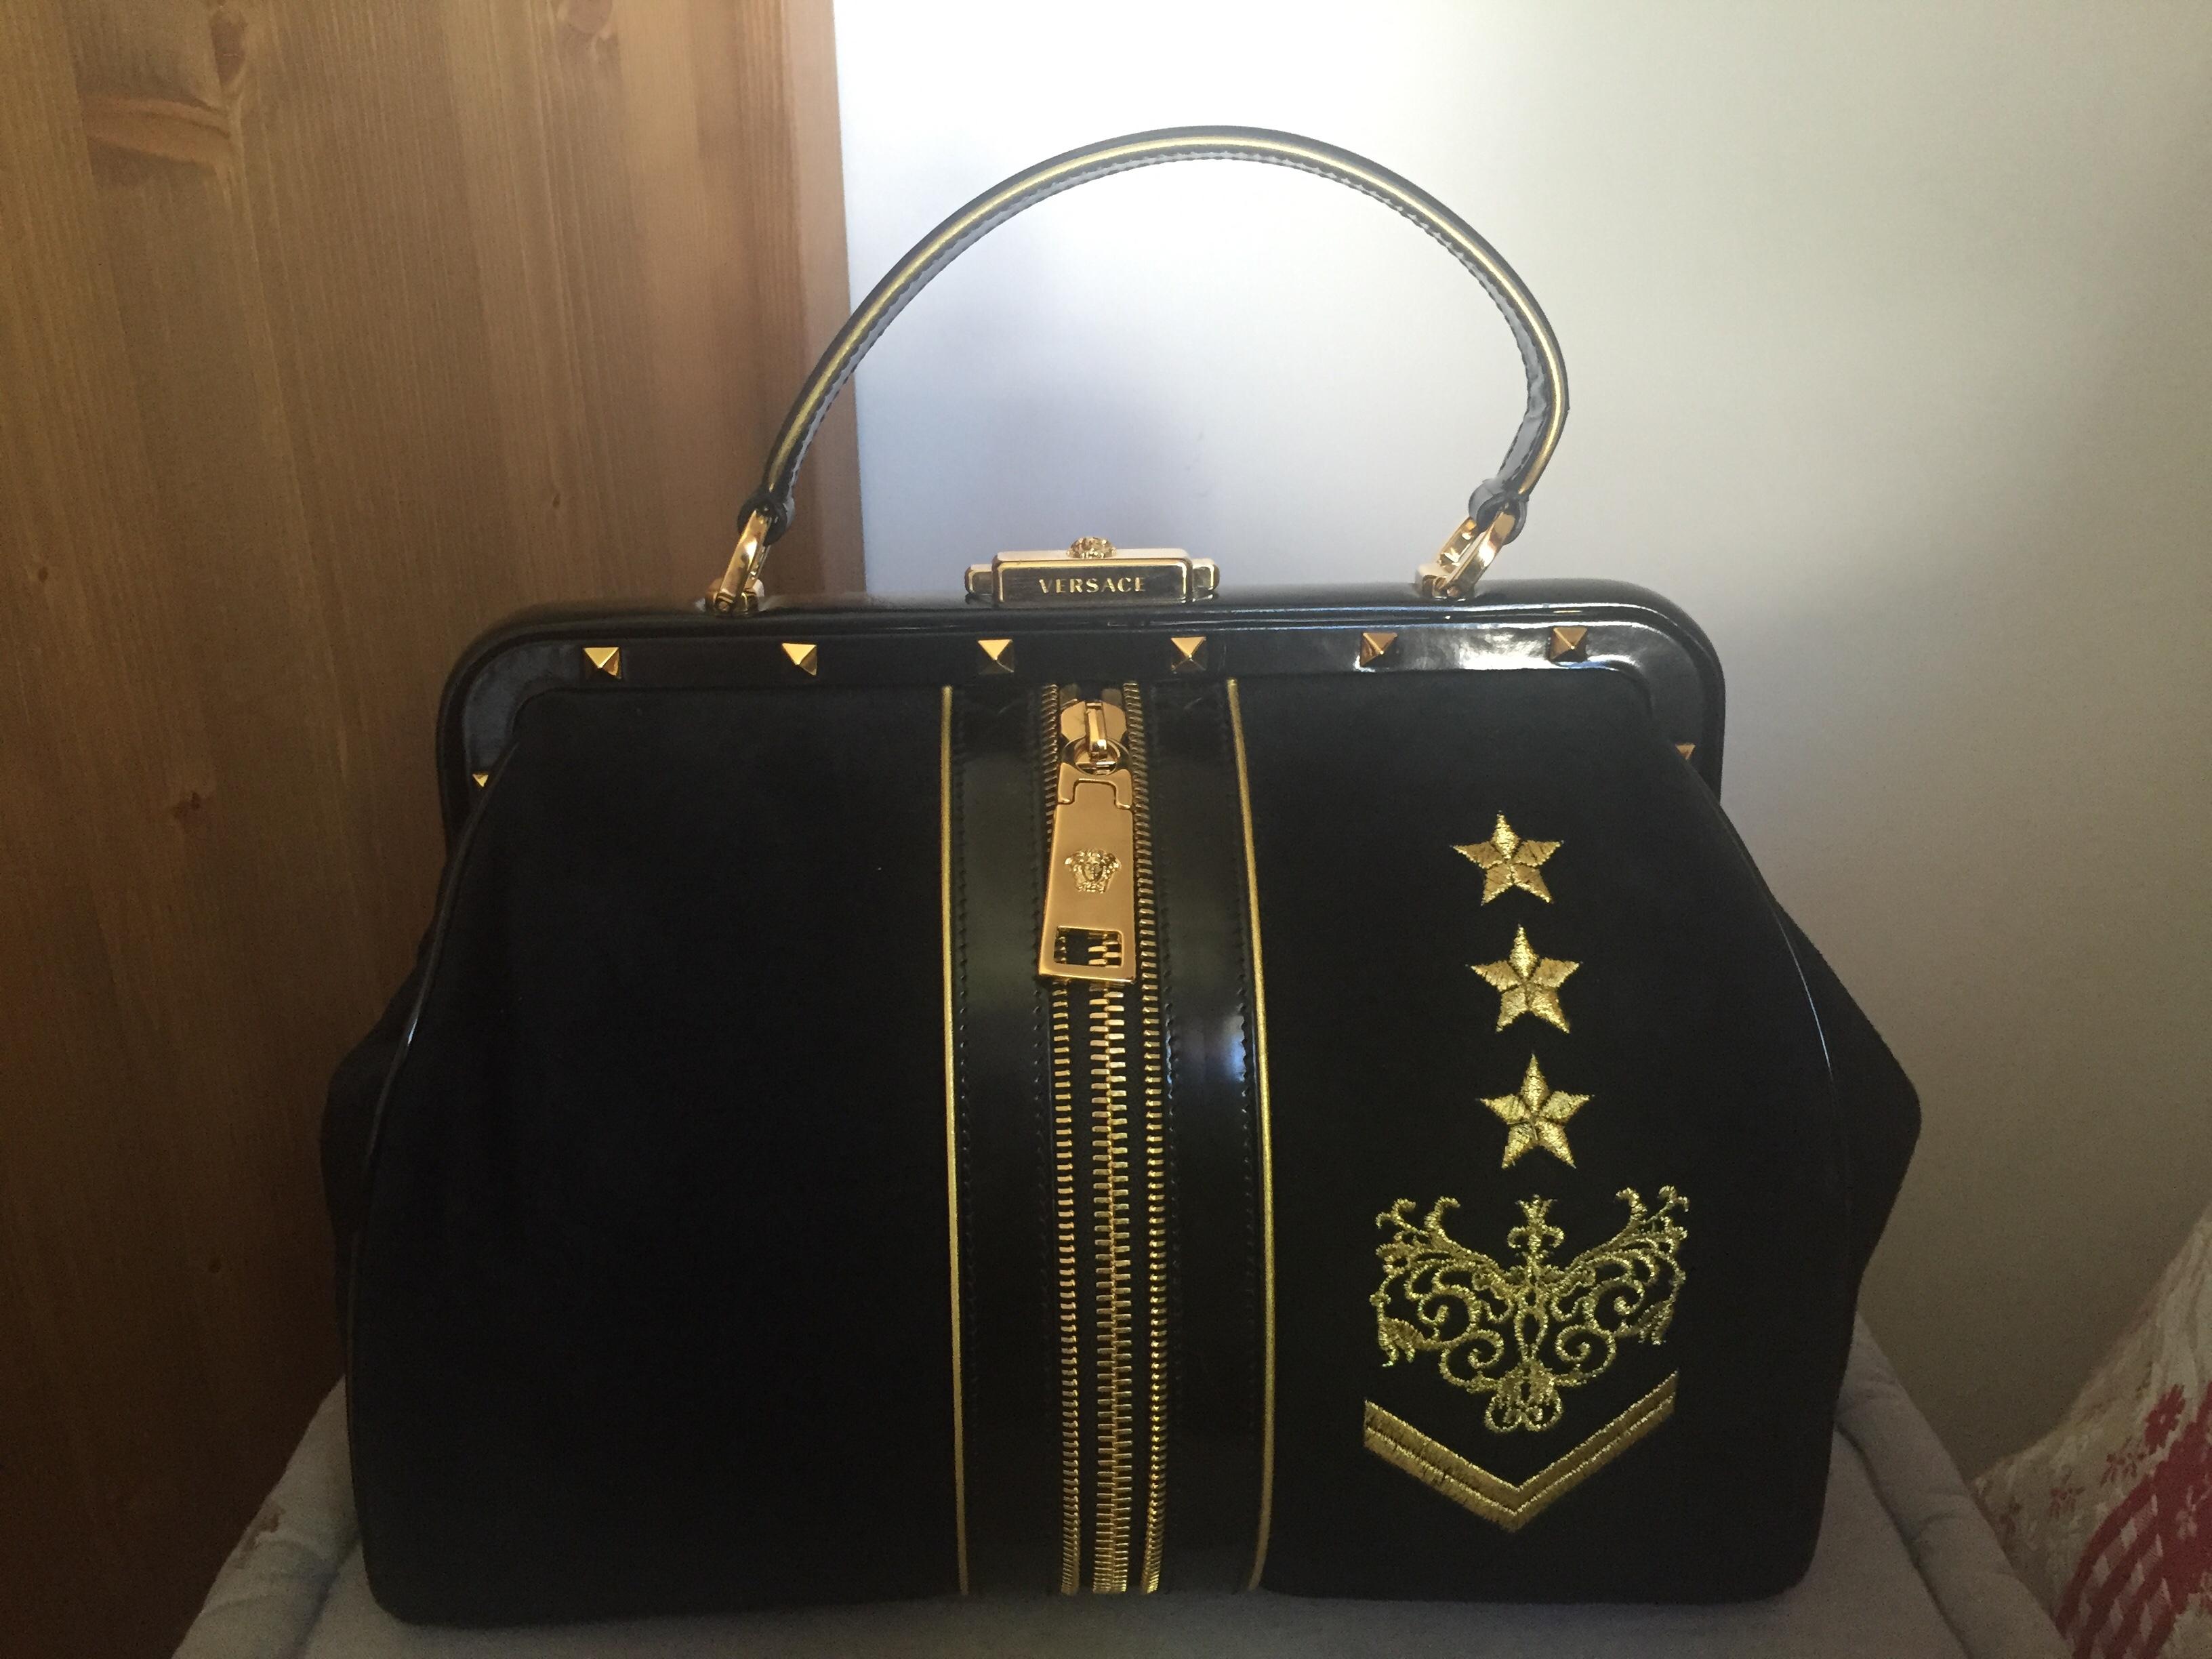 00ef65e06c8f8 Sacs en cuir occasion , annonces achat et vente de sacs en cuir ...